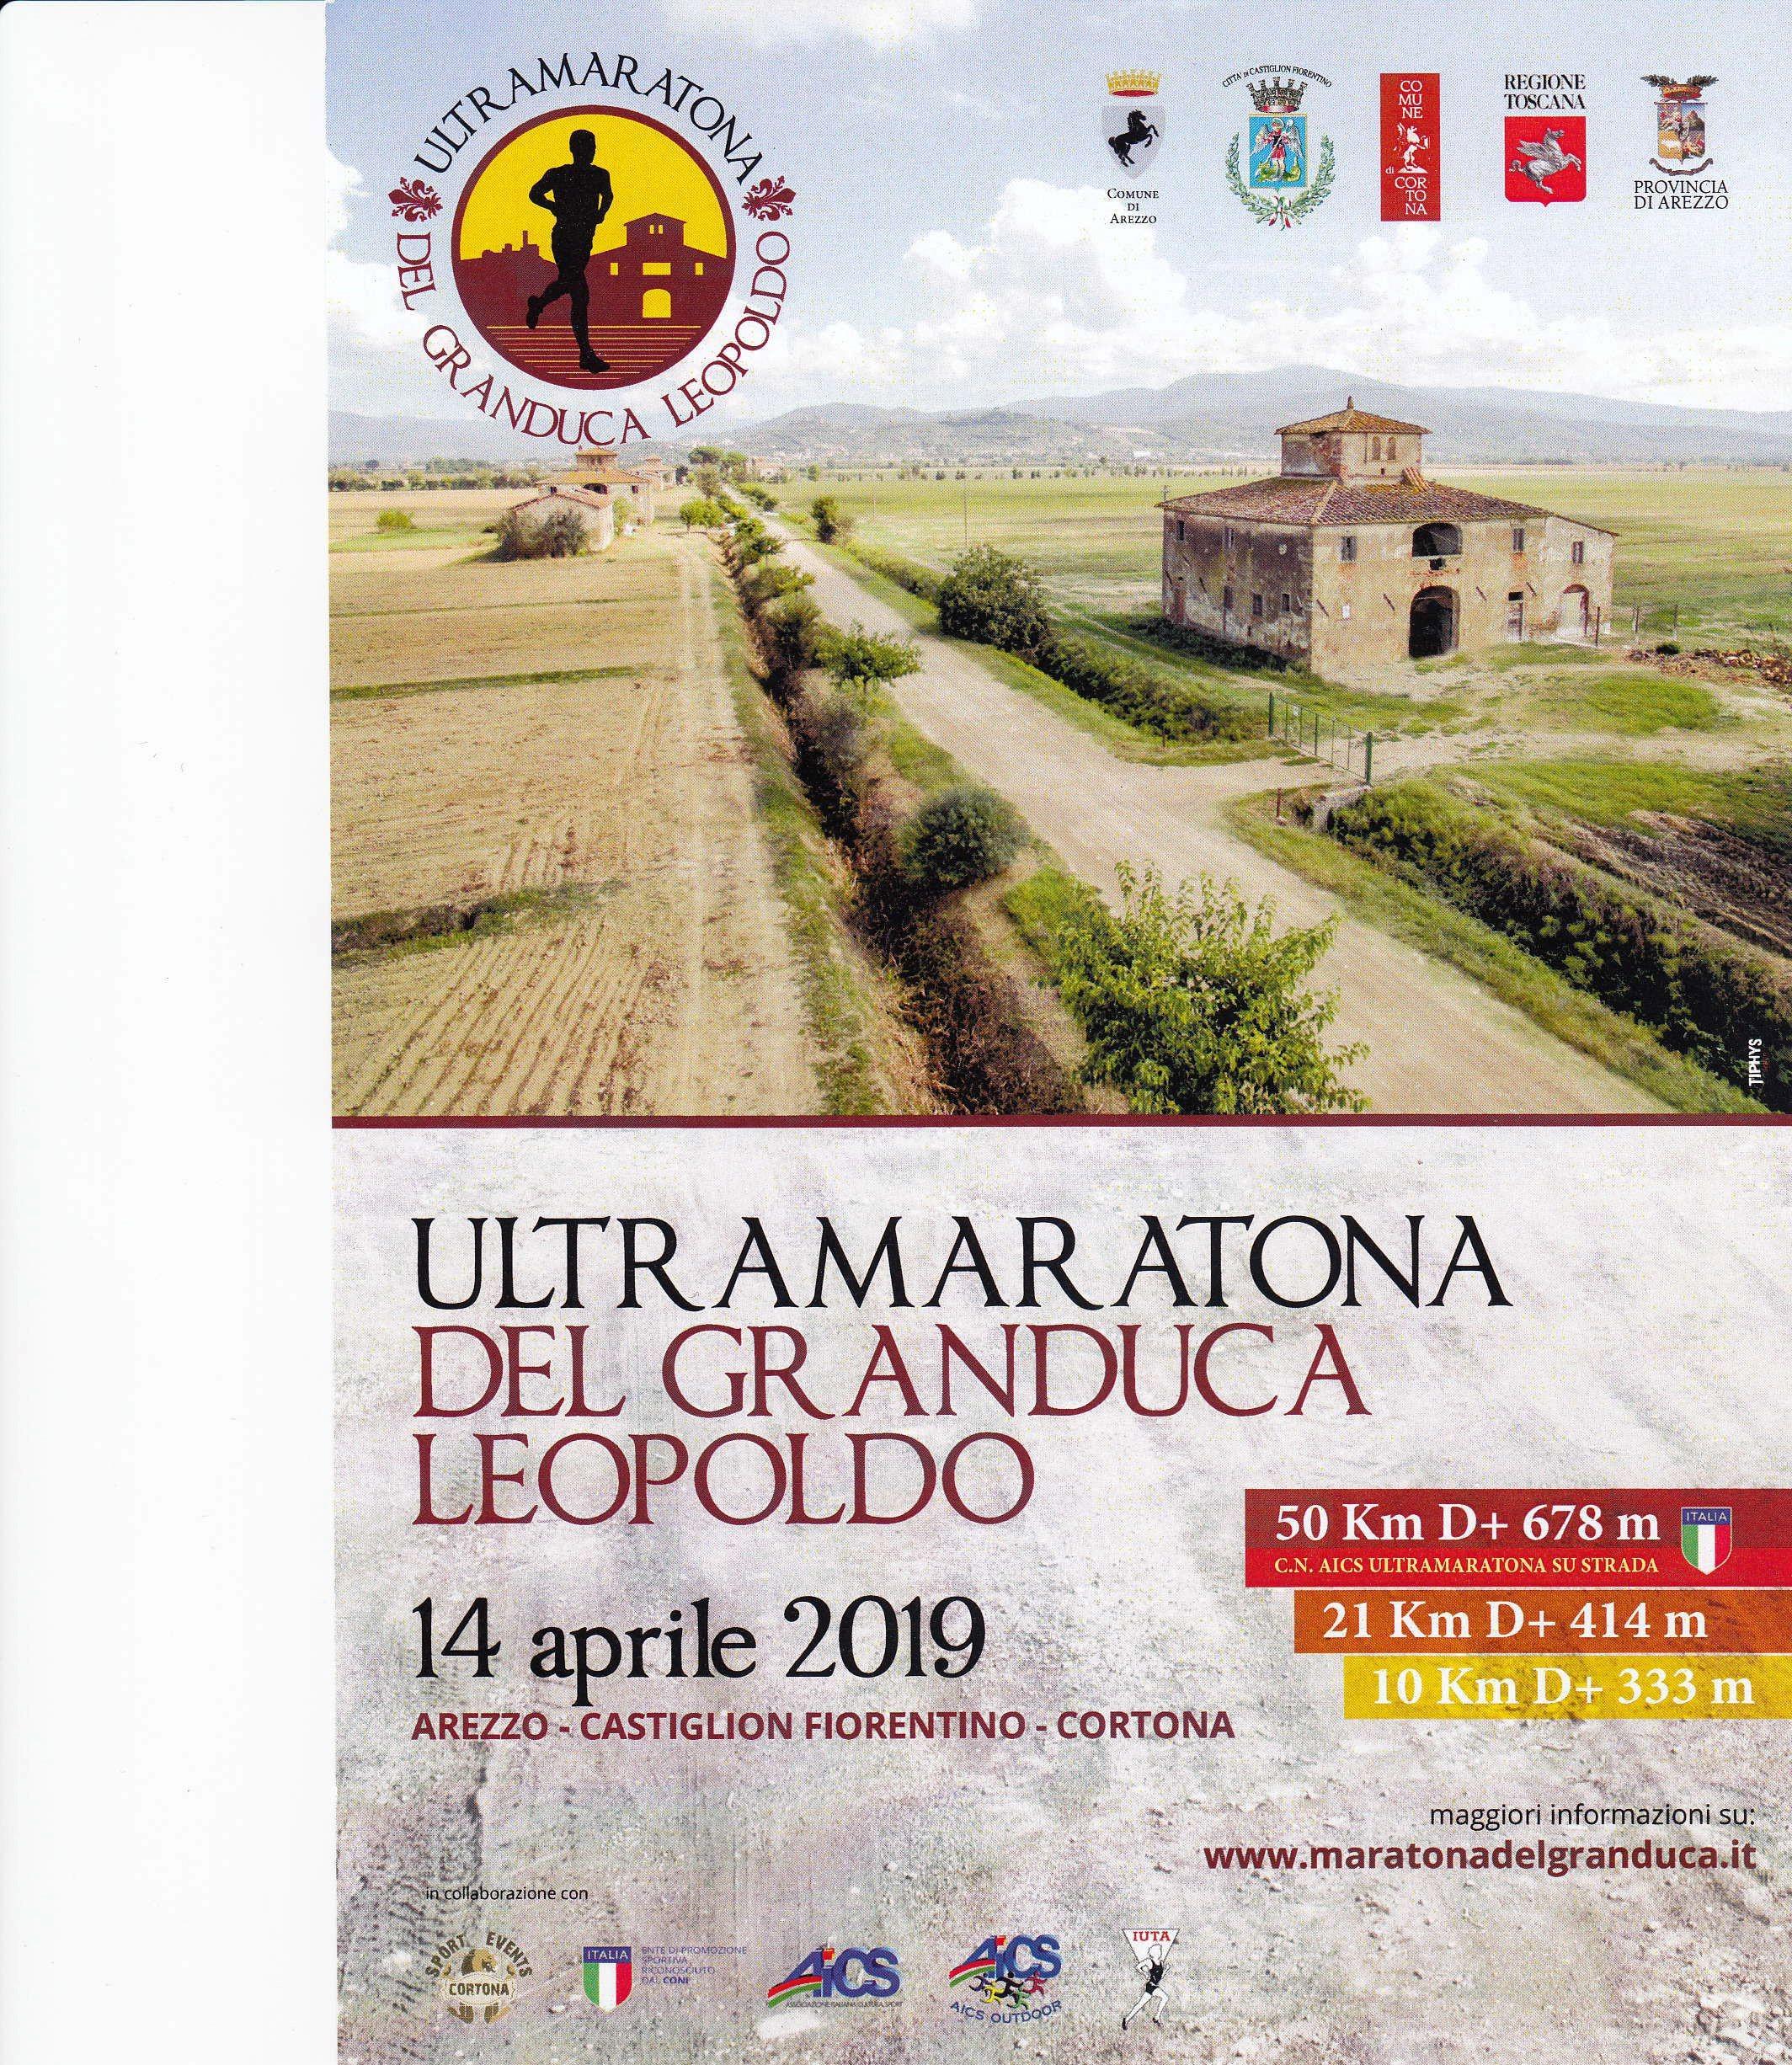 L'UltraMaratona del Granduca Leopoldo fra Arezzo, Castiglion Fiorentino e Cortona